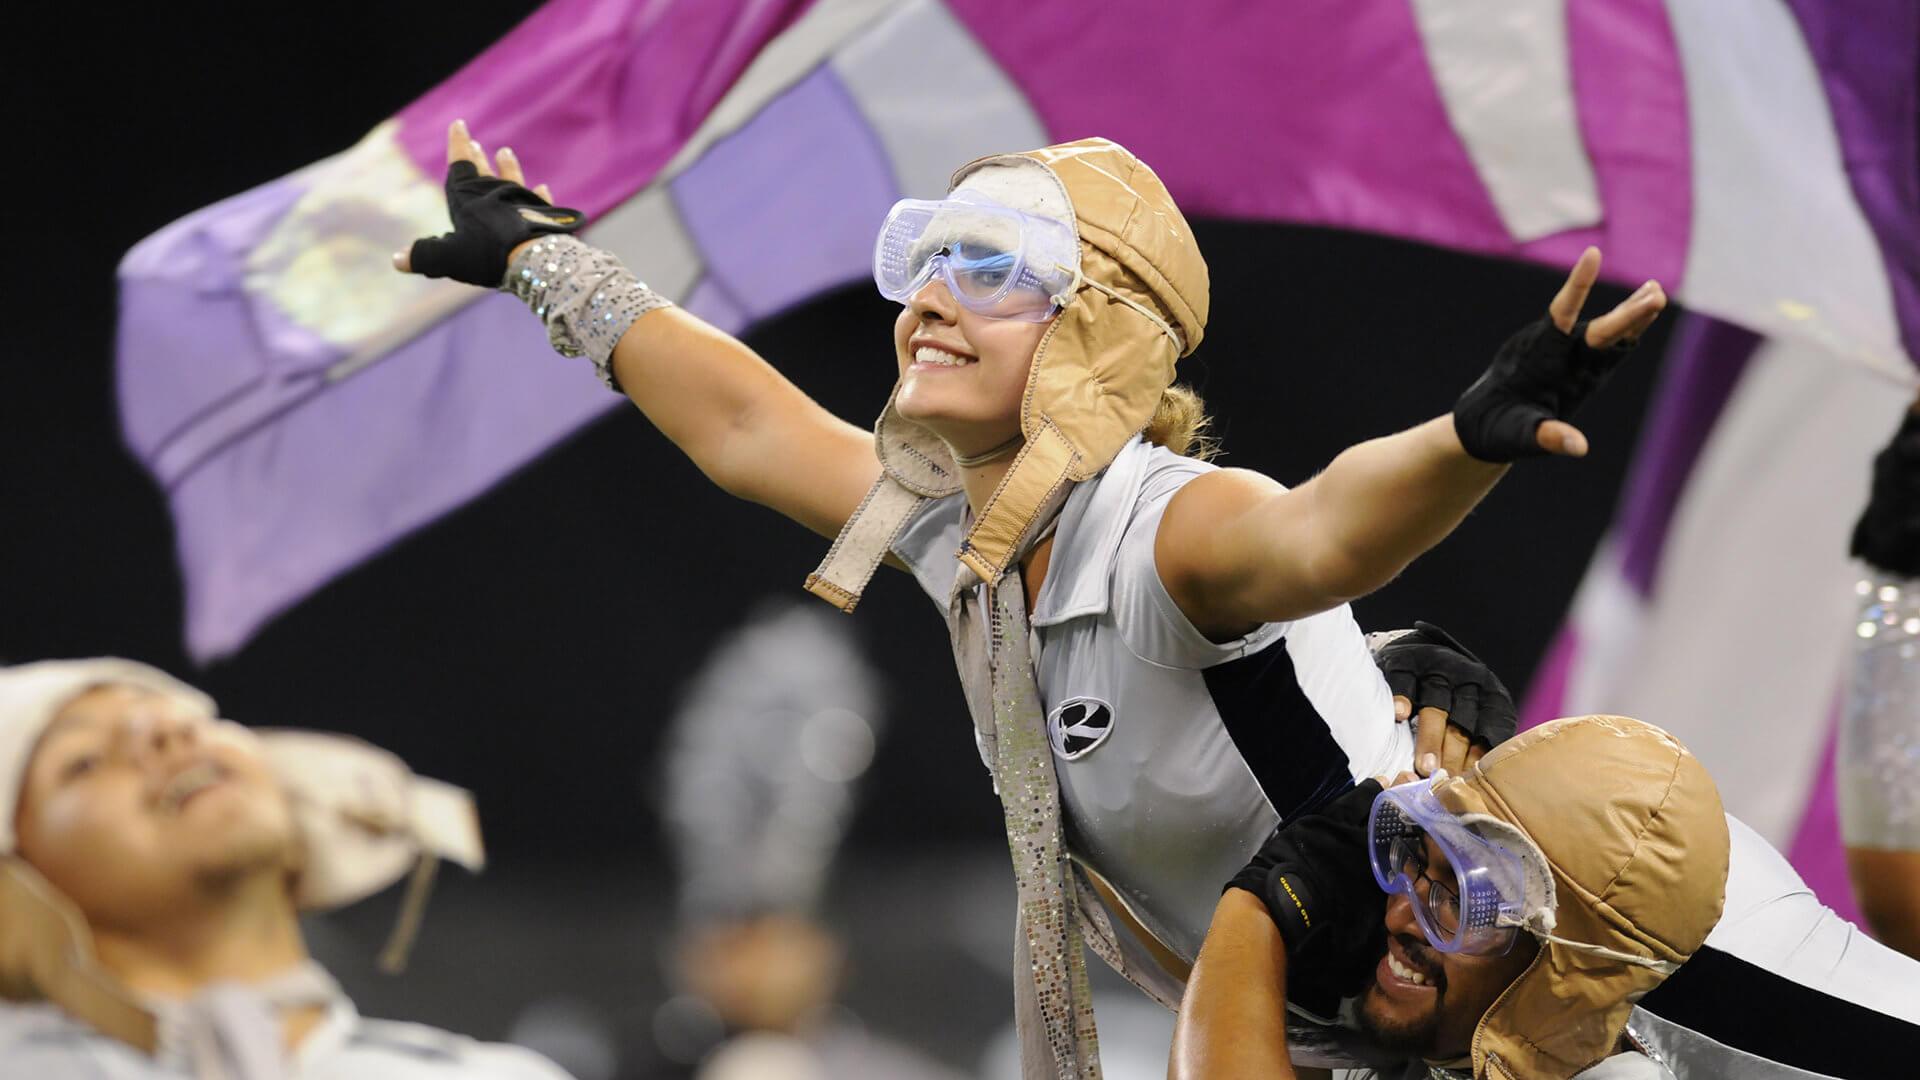 Spotlight of the Week: 2011 Revolution